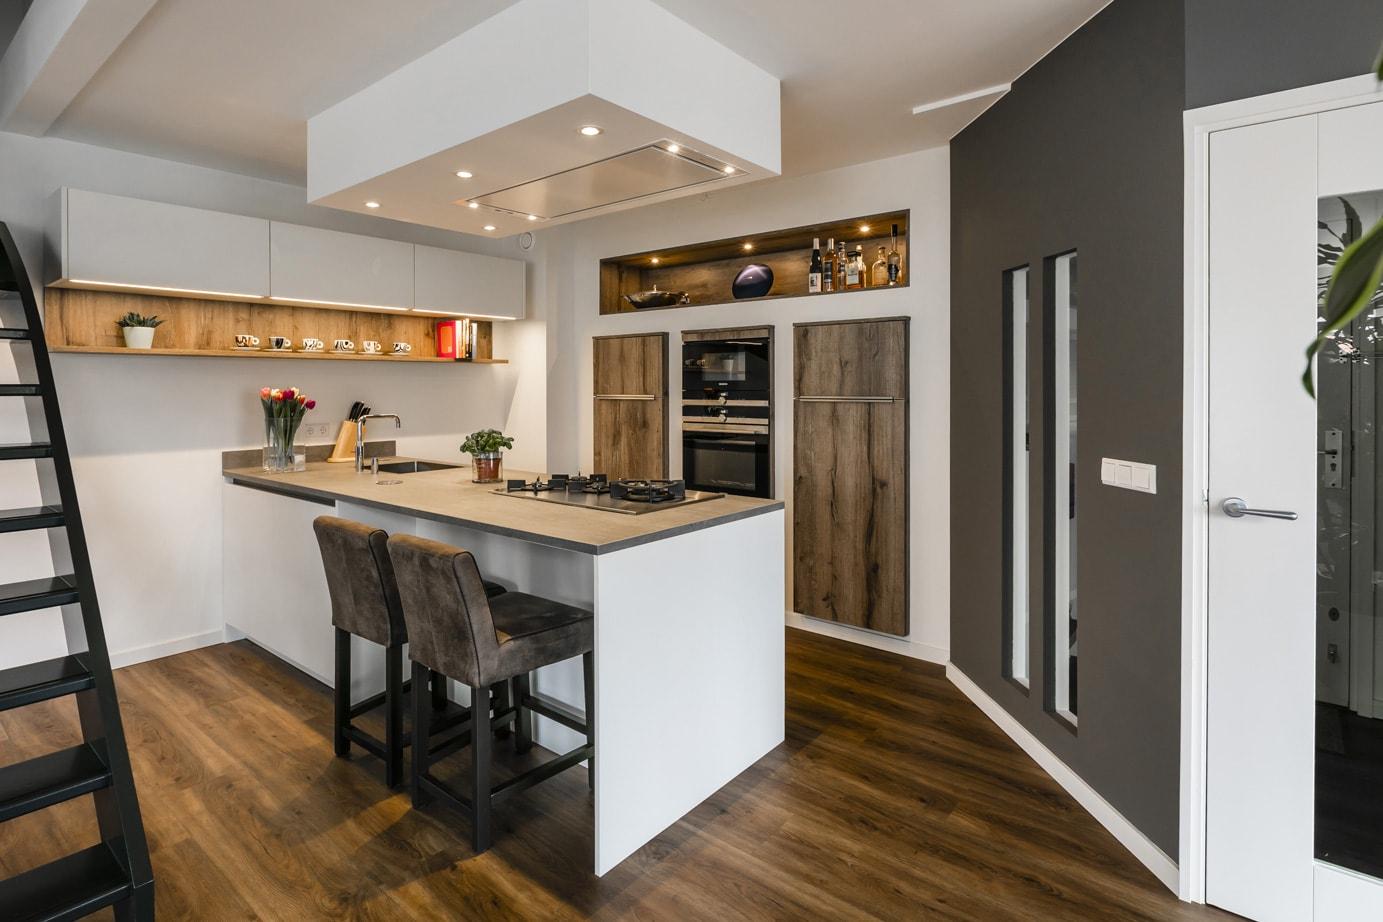 kookeiland in keuken